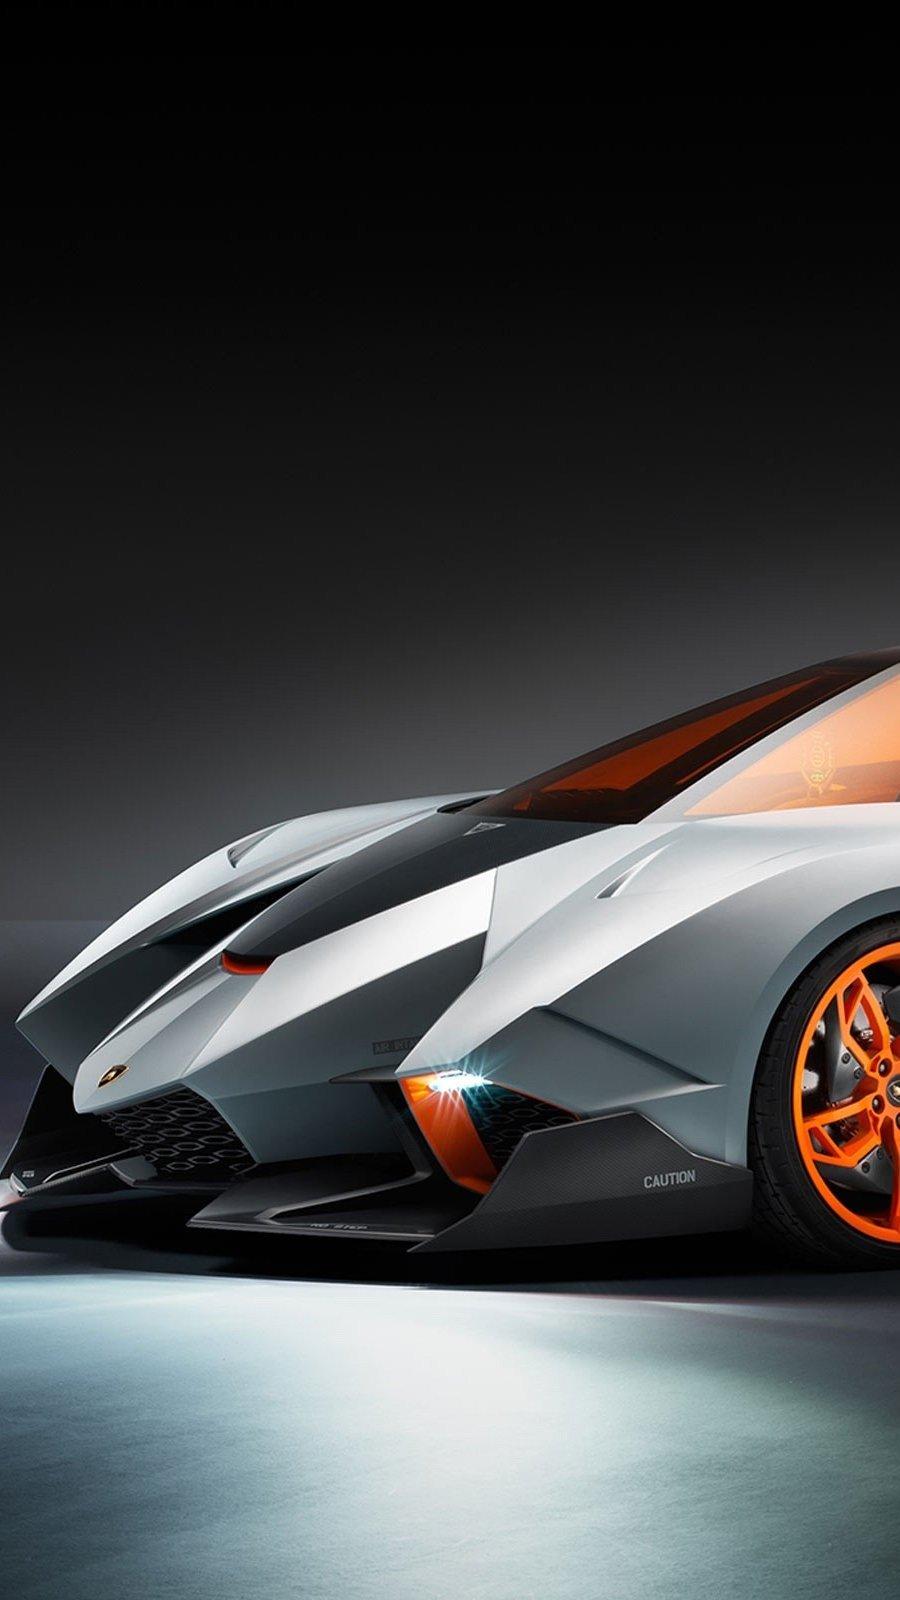 Fondos de pantalla Lamborghini egoista concept car Vertical